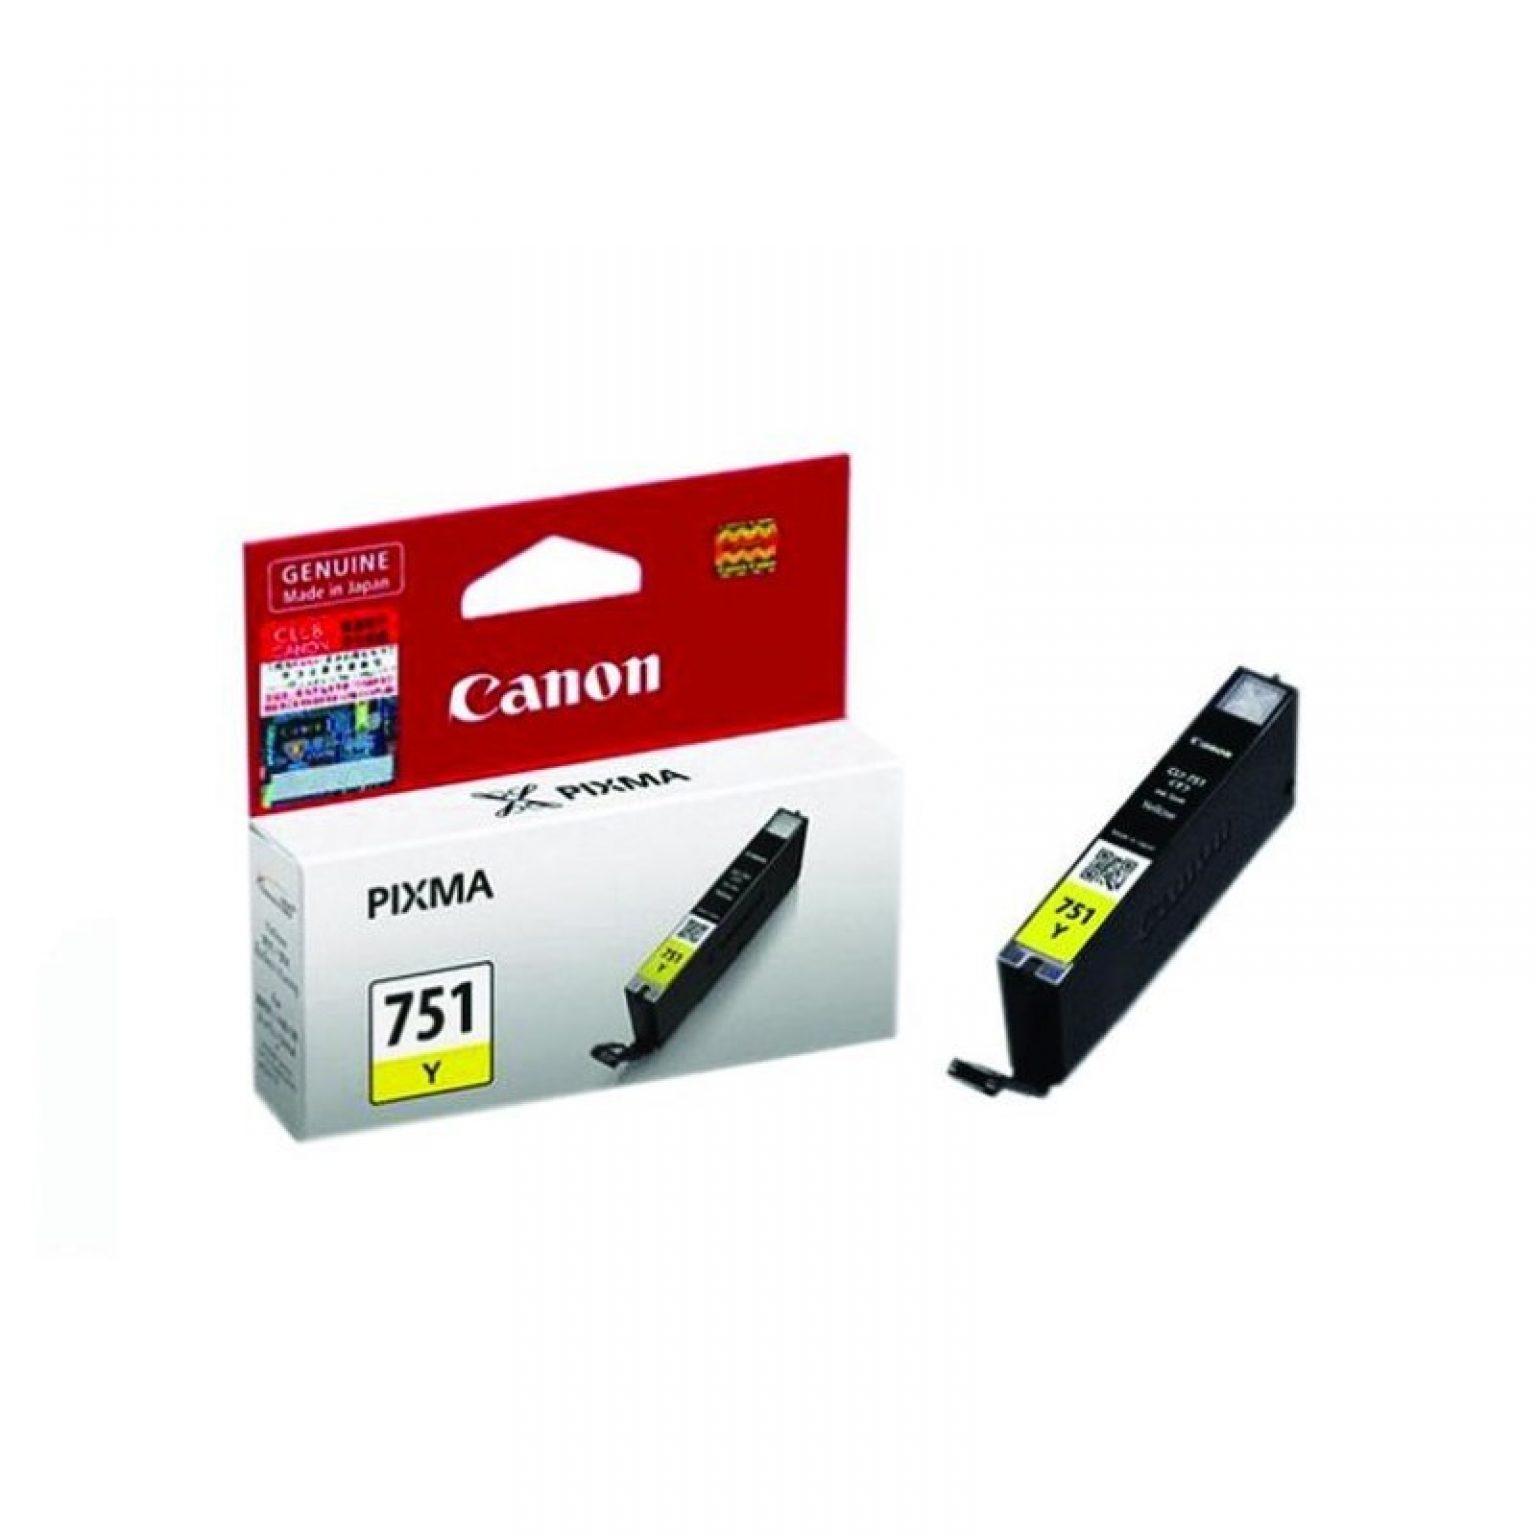 CANON - Ink Cartridge CLI-751 Yellow [CLI751Y]